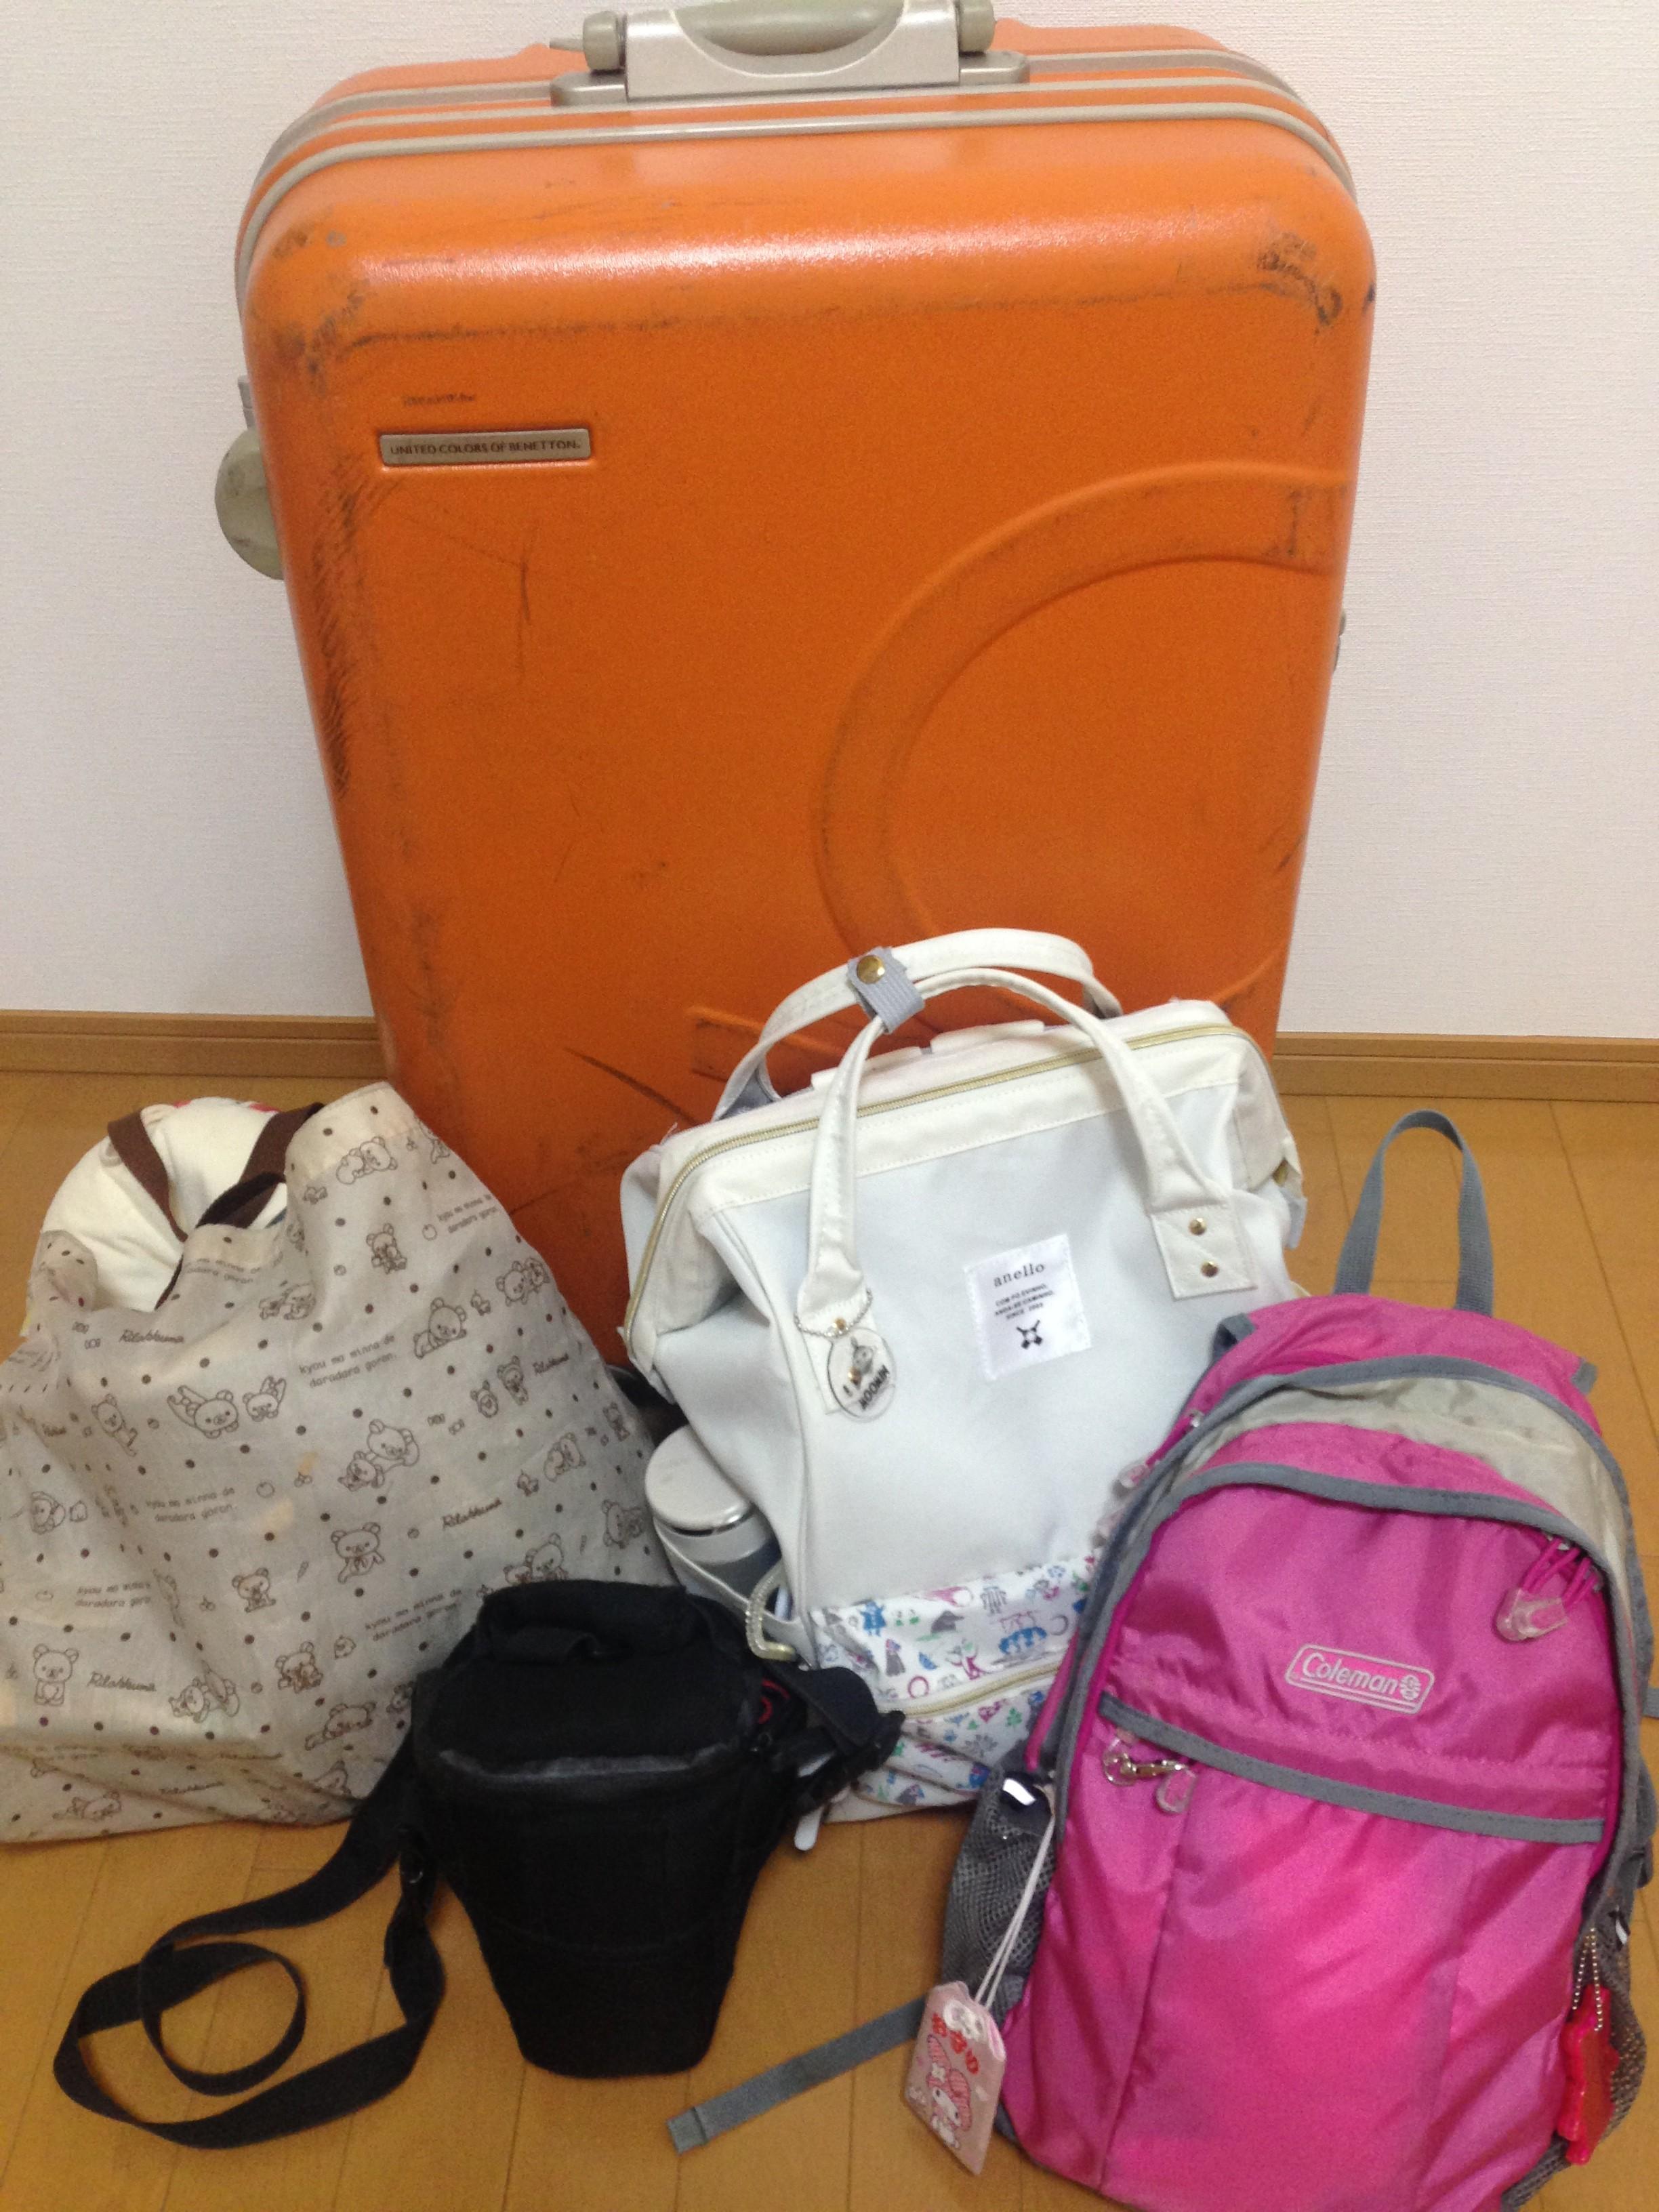 f30da766d2 預け荷物は1人1つ(今回の場合、私と娘で各々1つづつ)預けられるけど、家族でまとめてスーツケース1つのみ。